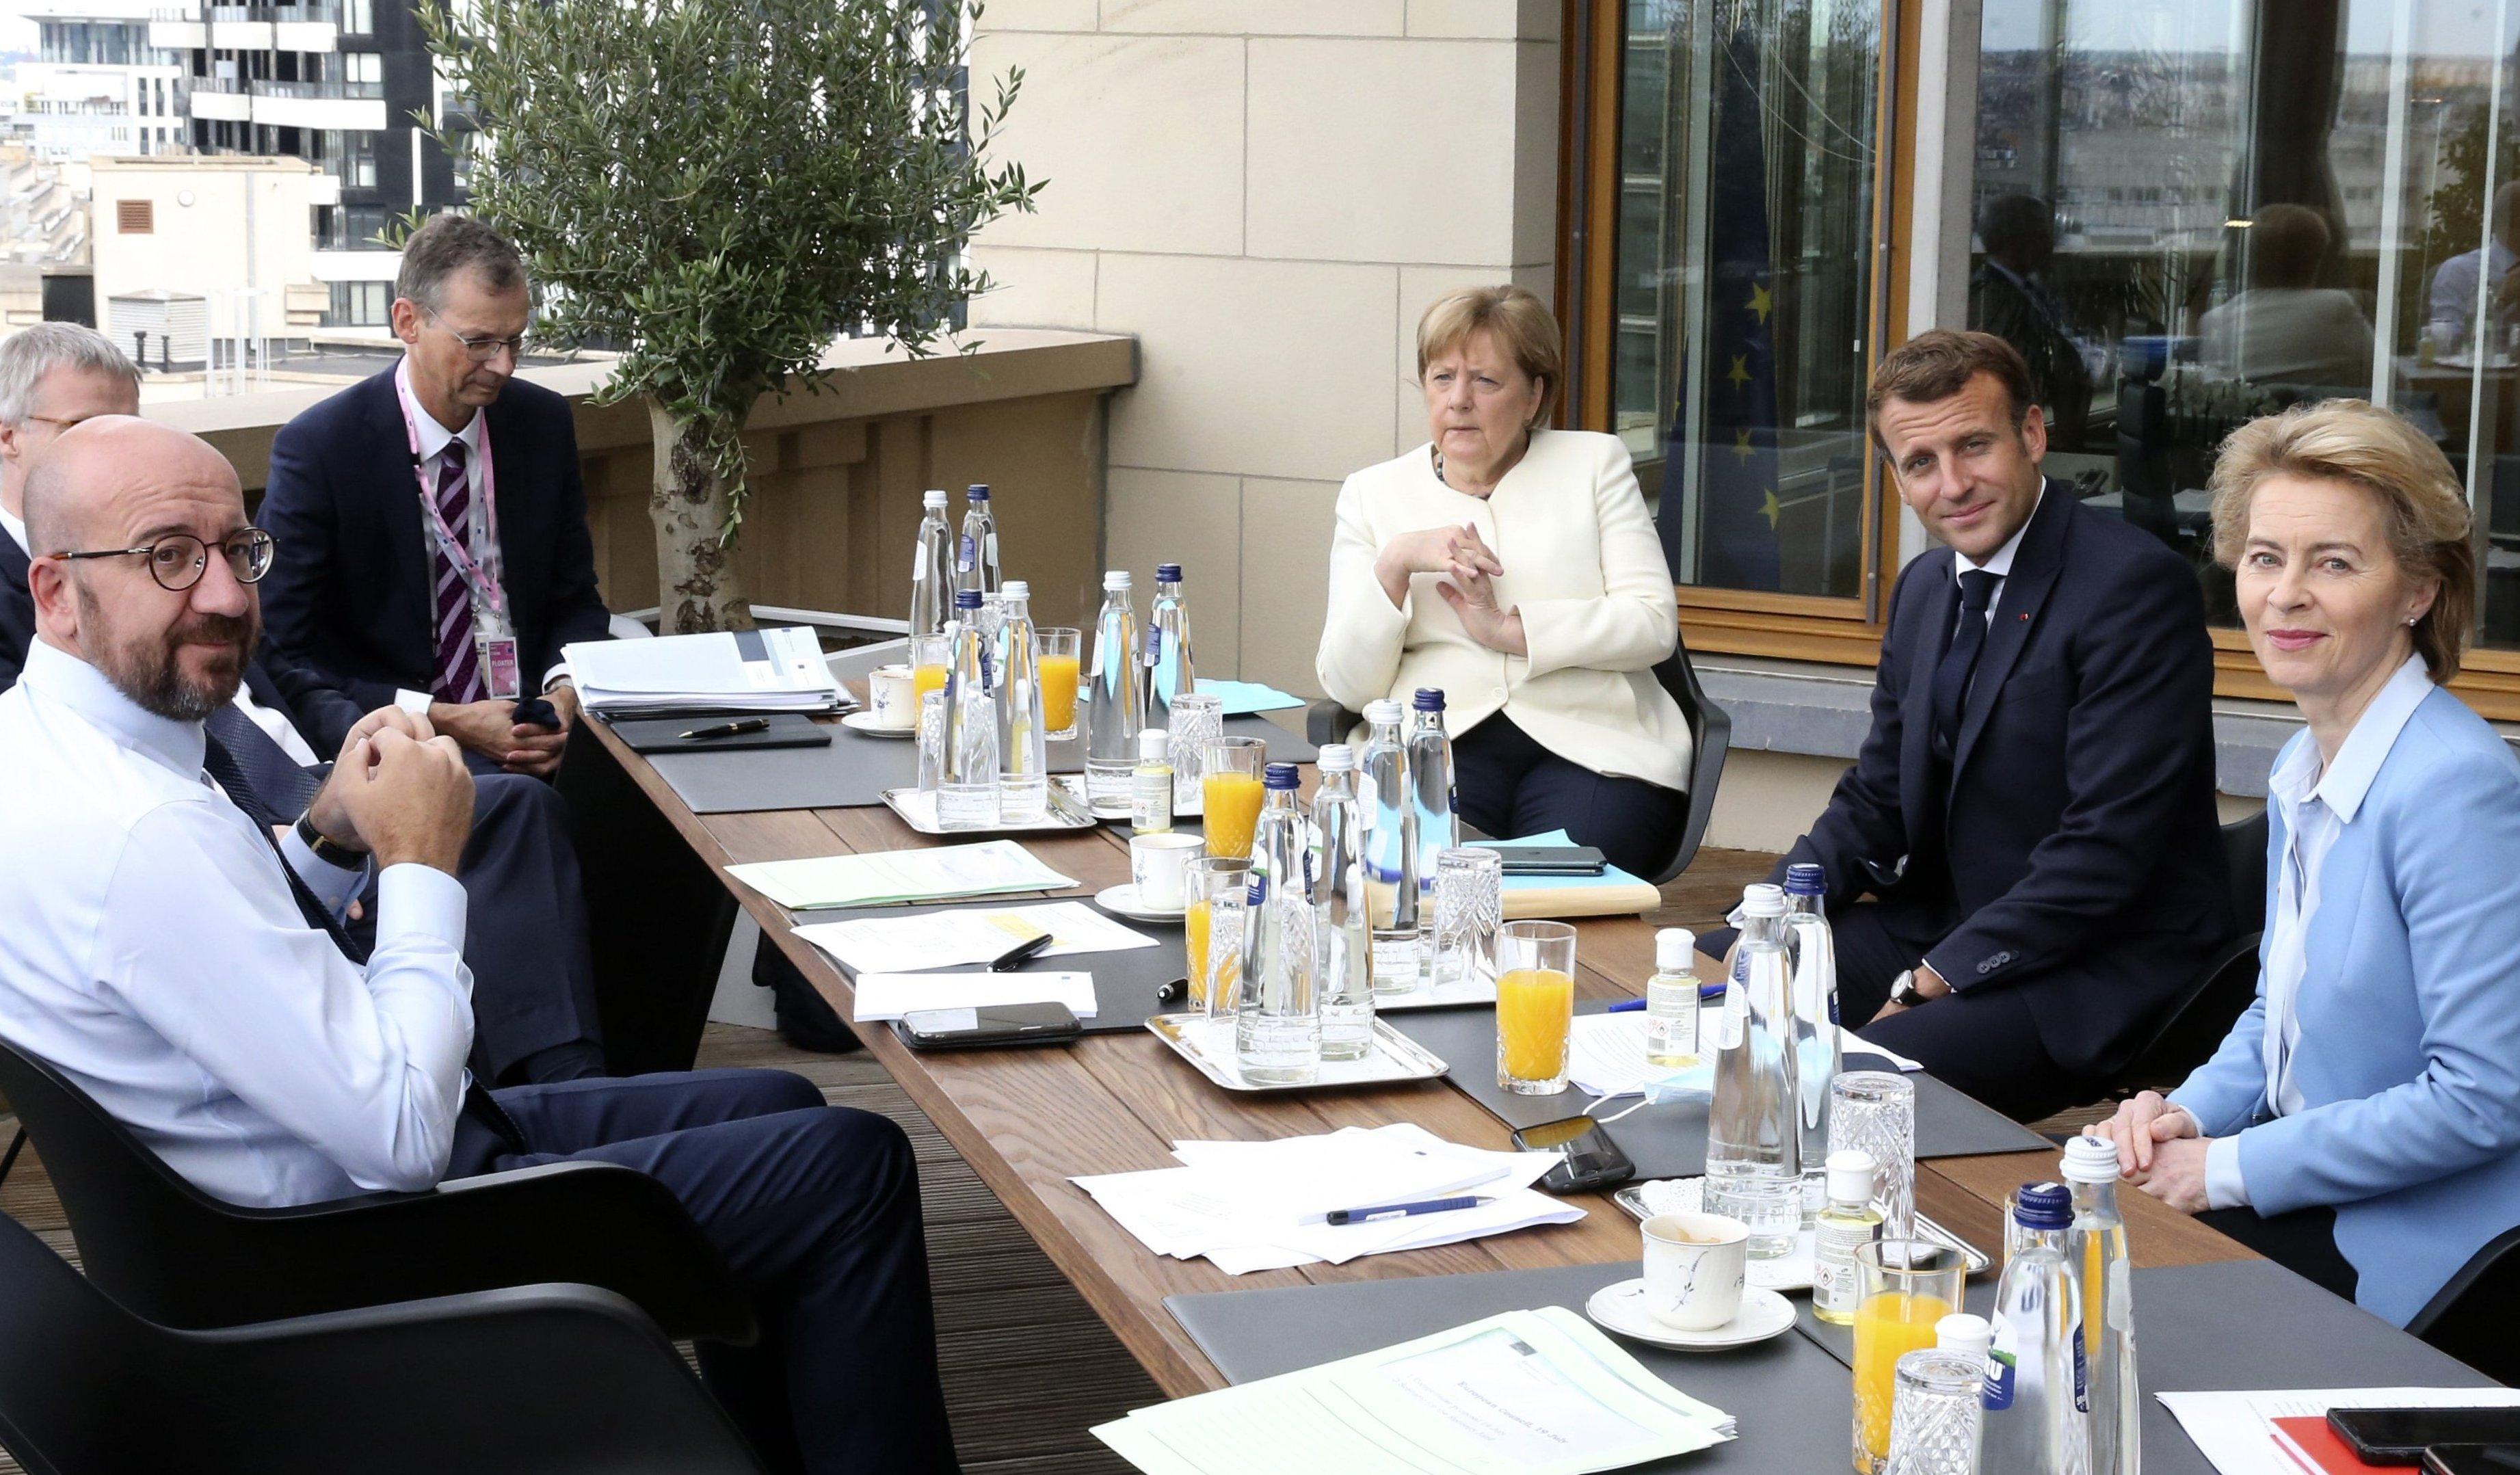 Frankreichs Präsident Macron giftet beim EU-Gipfel gegen Kurz und Rutte